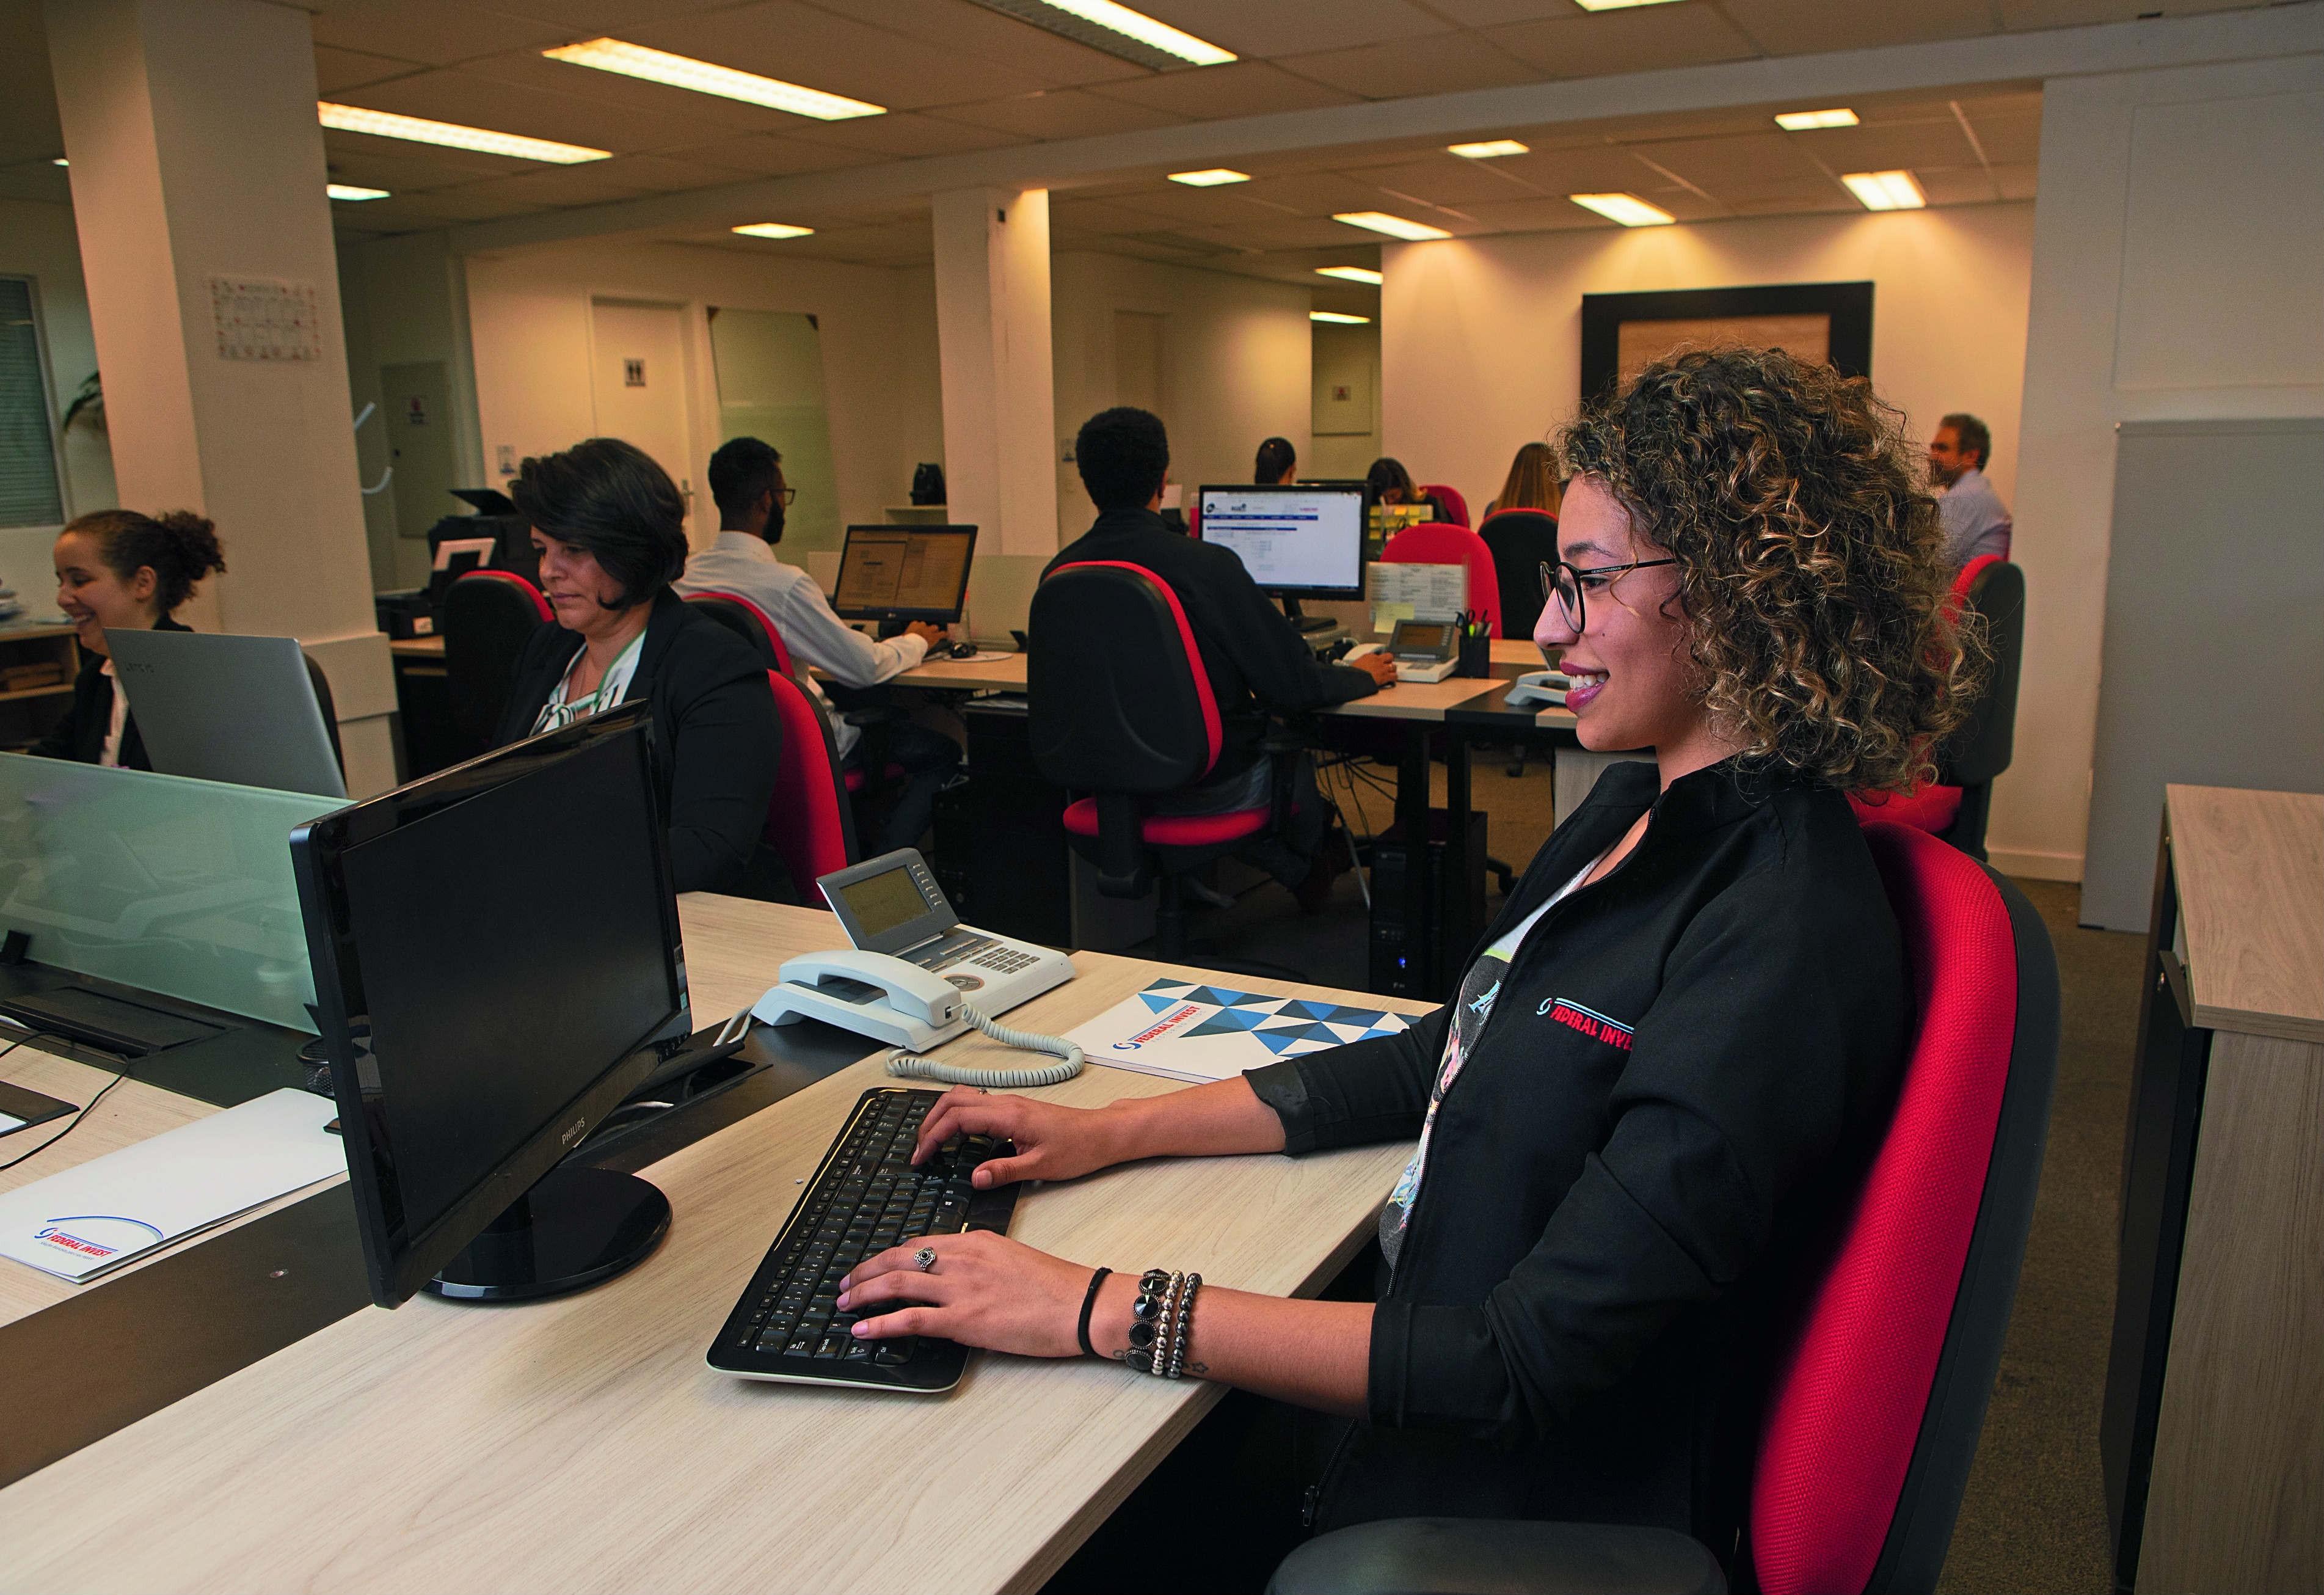 Vender a prazo é uma das melhores formas de alavancar um negócio (Foto: Getty Images)